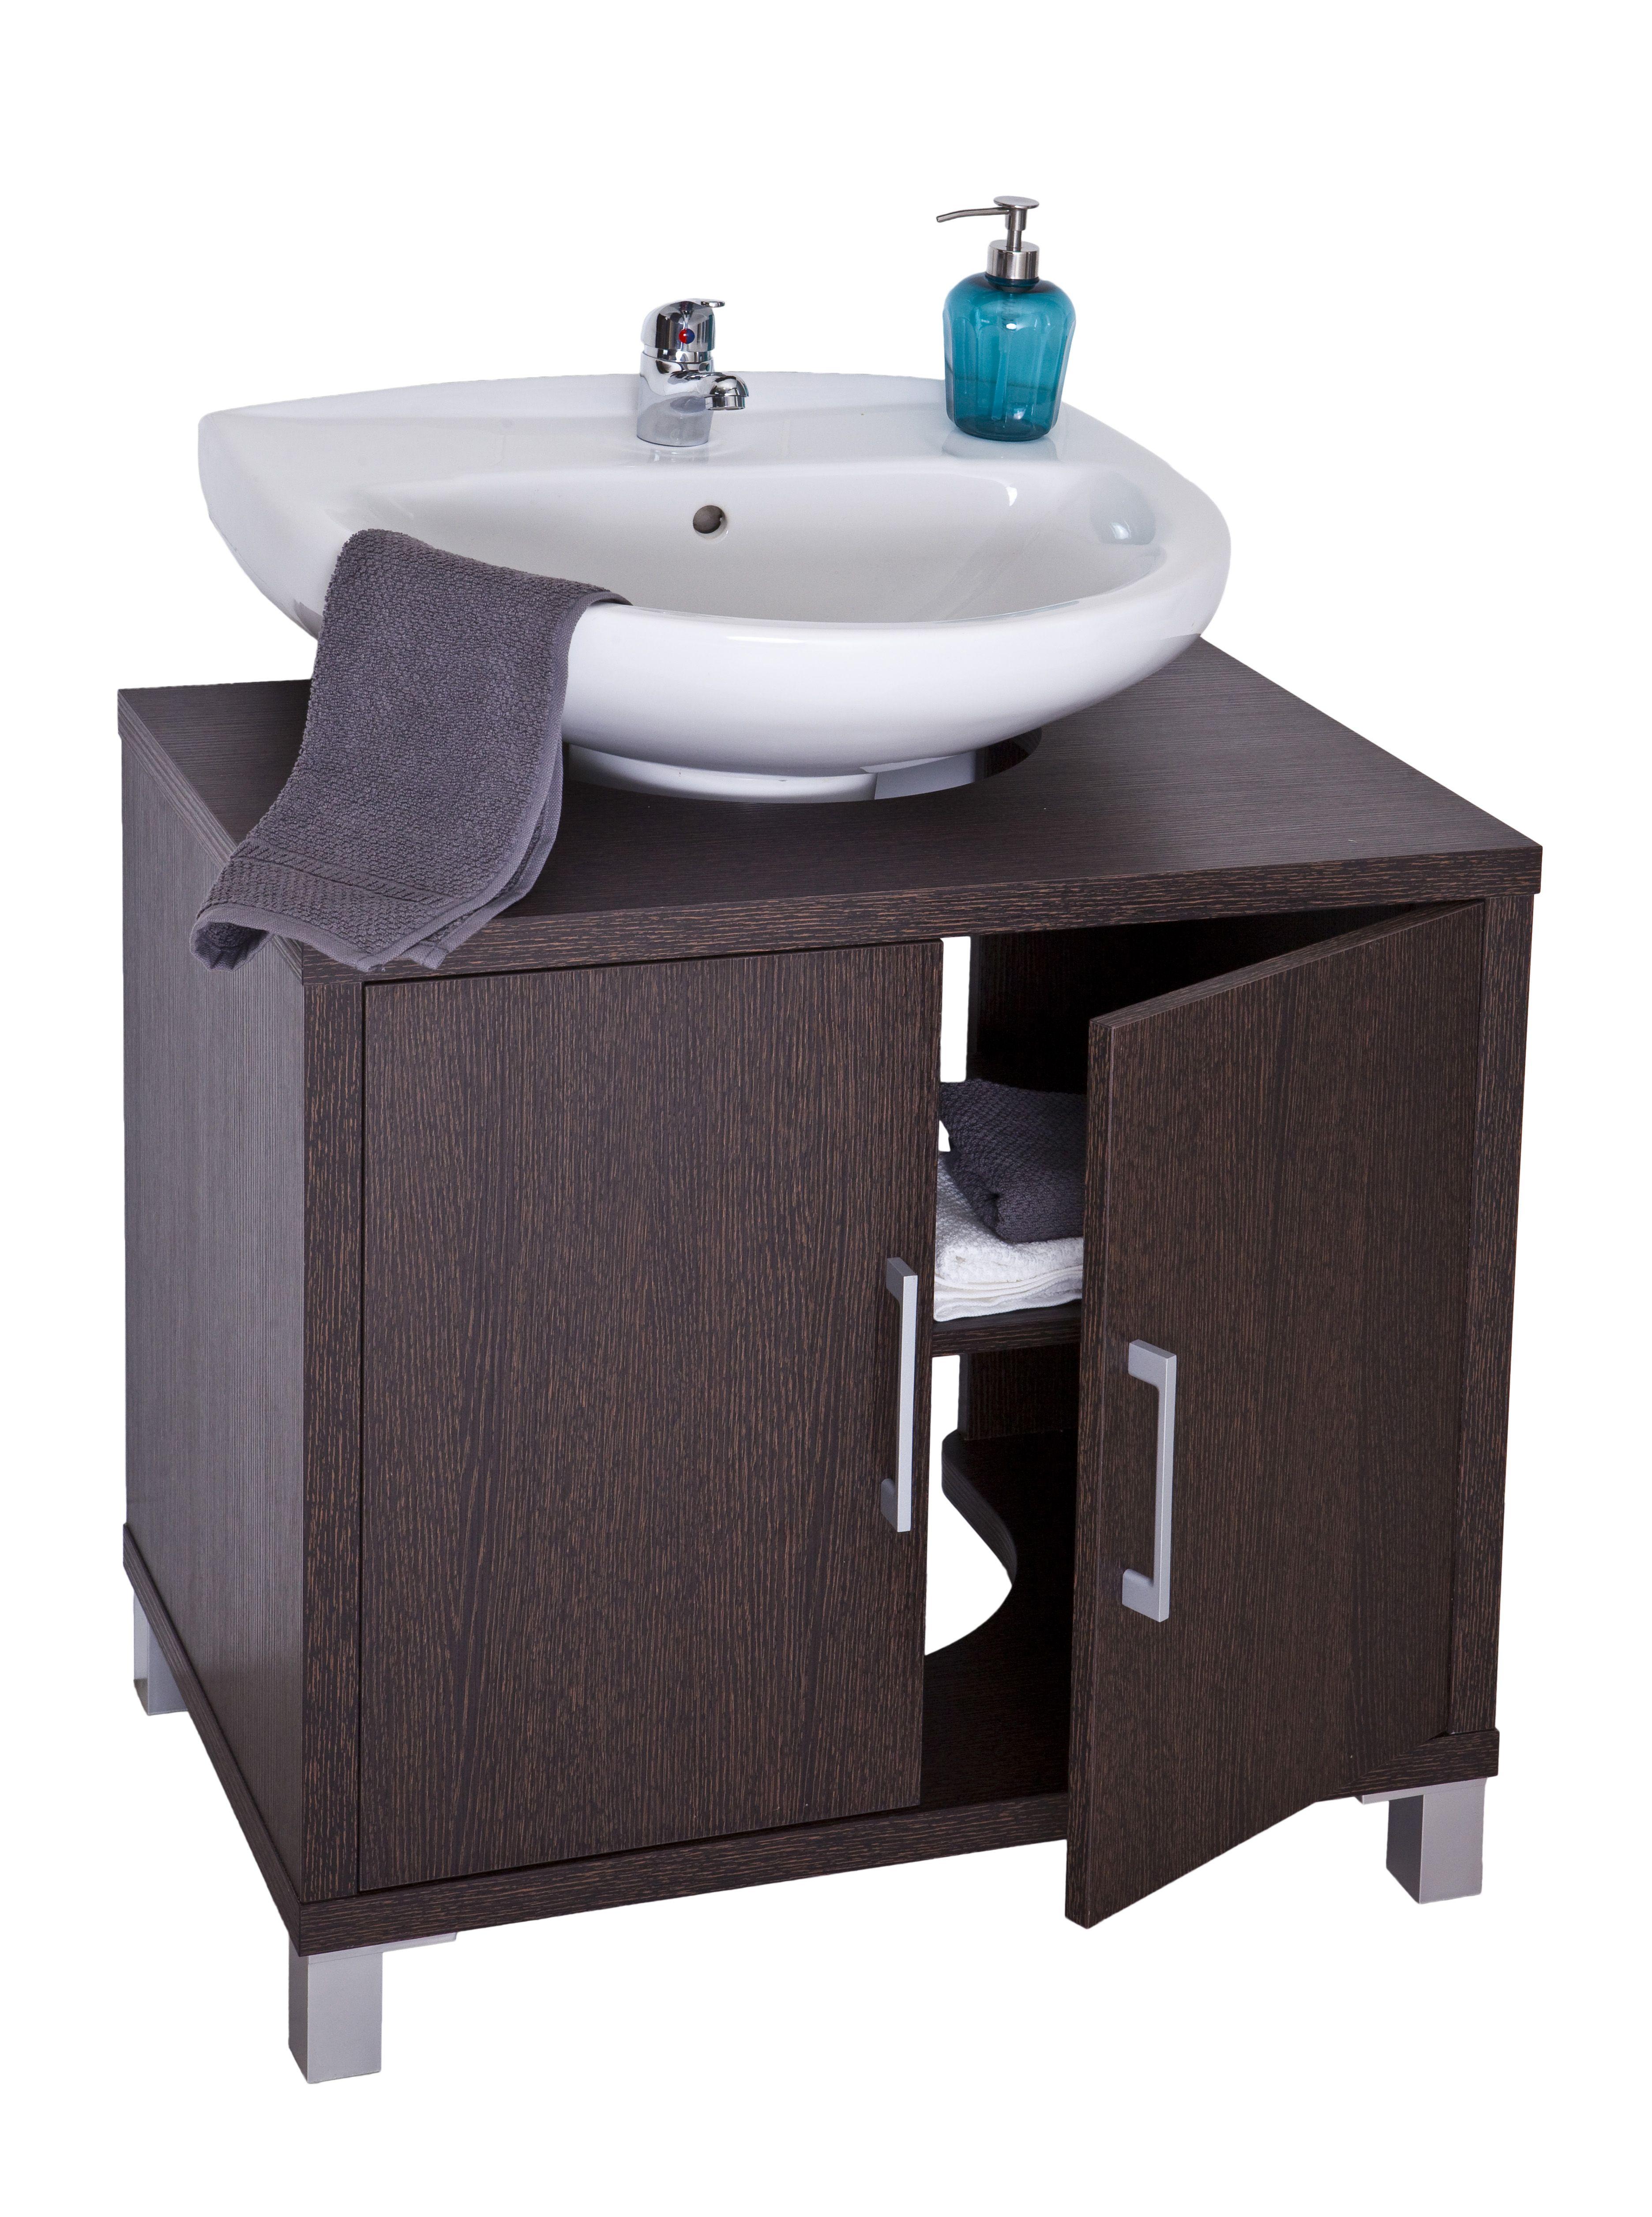 Mueble lavamanos ba o buscar con google dise o de for Mueble bano dos lavabos baratos